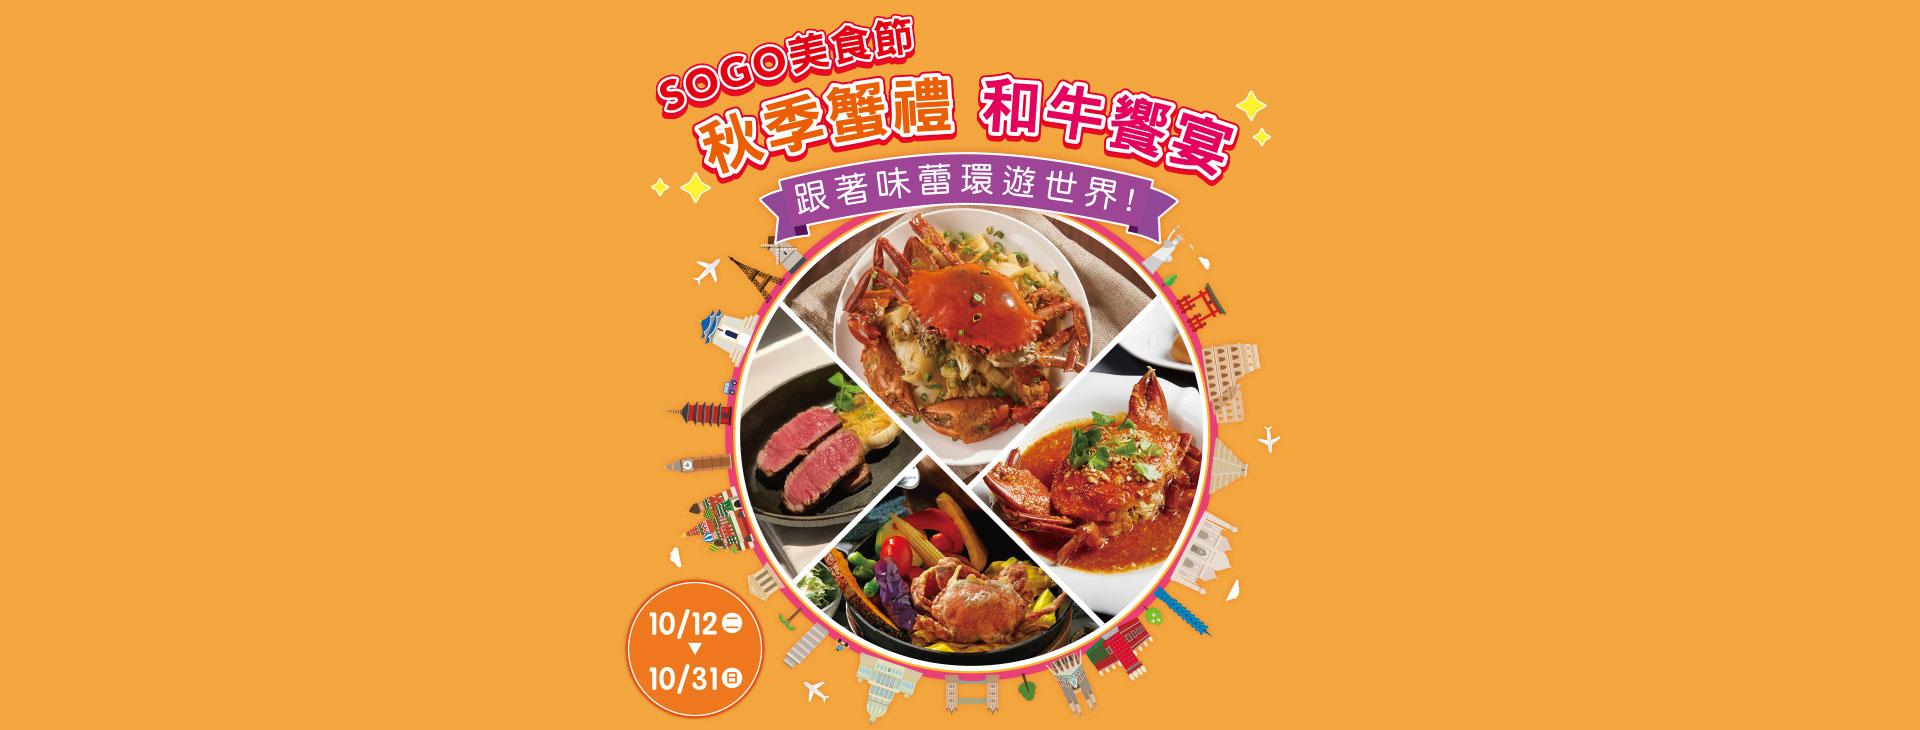 SOGO美食節 秋季蟹禮 和牛饗宴 跟著味蕾環遊世界!